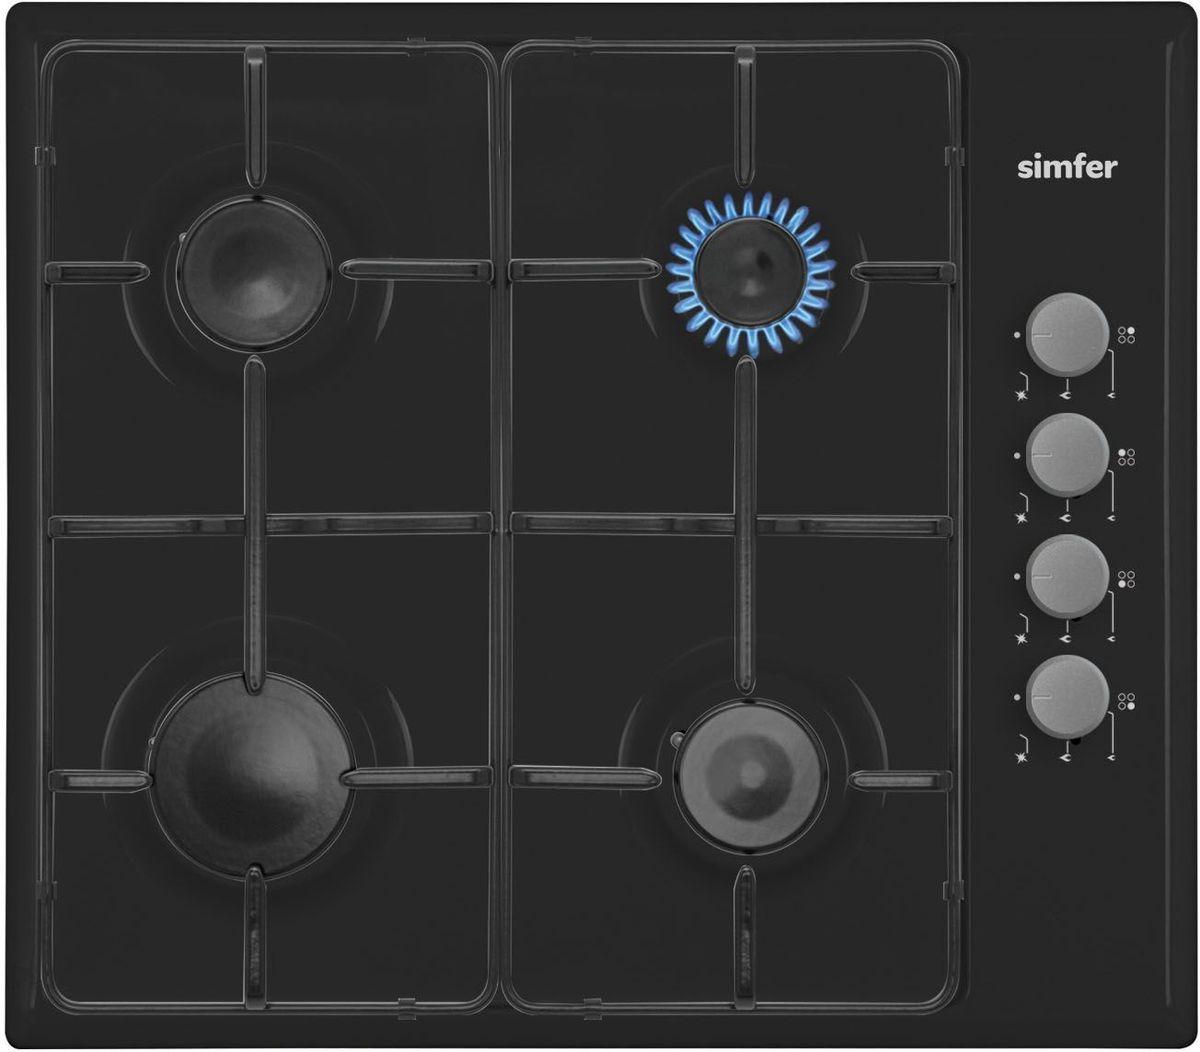 Simfer H60Q40B411 панель варочная газоваяH60Q40B411Газовая варочная панель Simfer H60Q40B411 с чистым пламенем доведет вашу сковороду до нужной температуры без всяких задержек. Включите её и всё днище сковороды будет моментально нагрето.Благодаря идеальному расположению панели управления и индикатора уровня мощности прямо спереди этой варочной панели, любой повар, будь он левша или правша, сможет пользоваться ими с одинаковой лёгкостью.Газовая варочная поверхность Simfer H60Q40B411 упрощает приготовление и делает его безопаснее благодаря особой форме подставок, обеспечивающих абсолютную устойчивость посуды.Нет способа быстрее и удобнее для того, чтобы разжечь конфорку, чем автоподжиг варочной панели. Просто поверните ручку, чтобы открыть и зажечь газ одним плавным движением.В комплекте с газовыми варочными панелями, идет набор жиклеров для сжиженного газа и переходник для подключения шланга.